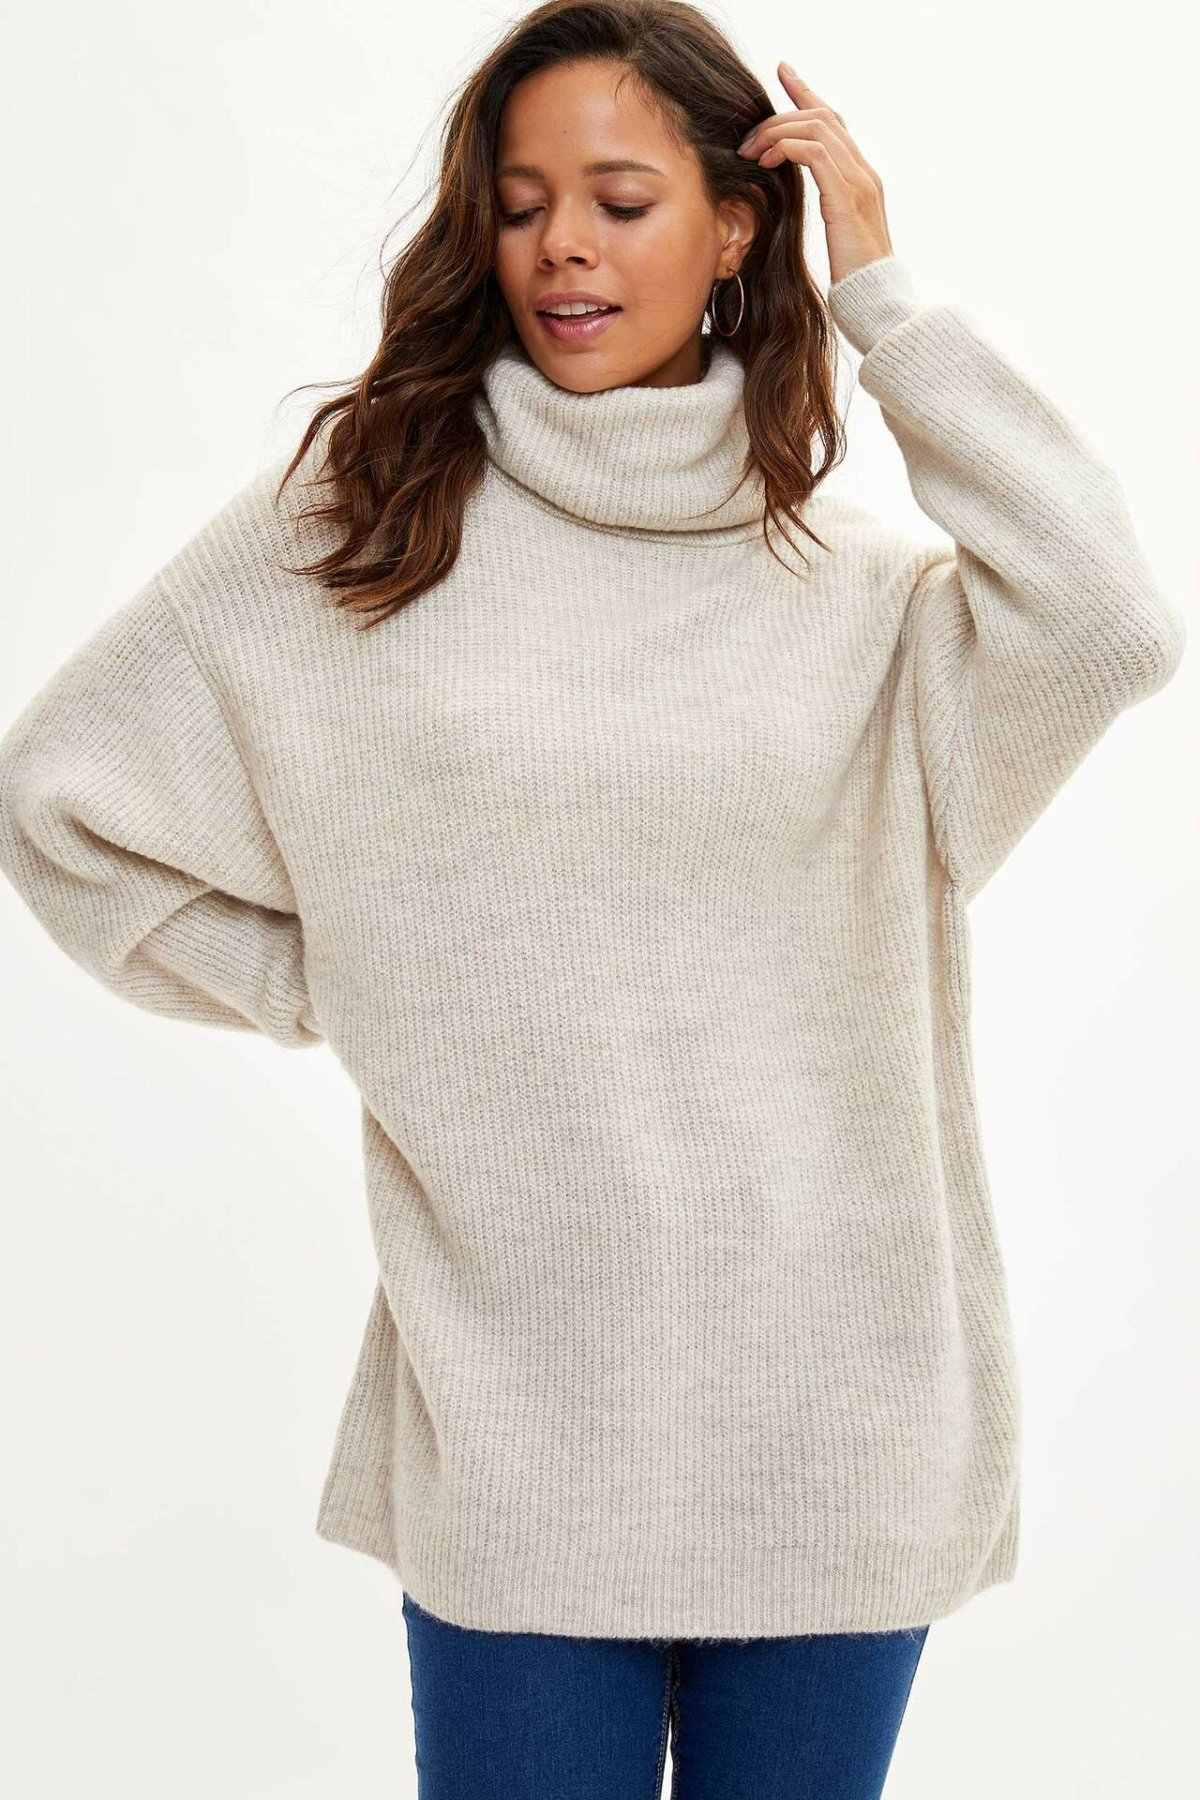 Defacto Người Phụ Nữ Mùa Đông Sang Trọng Cổ Cao Dài Vải Áo Nữ Dài Thun Ấm Sweaters-J2247AZ19WN